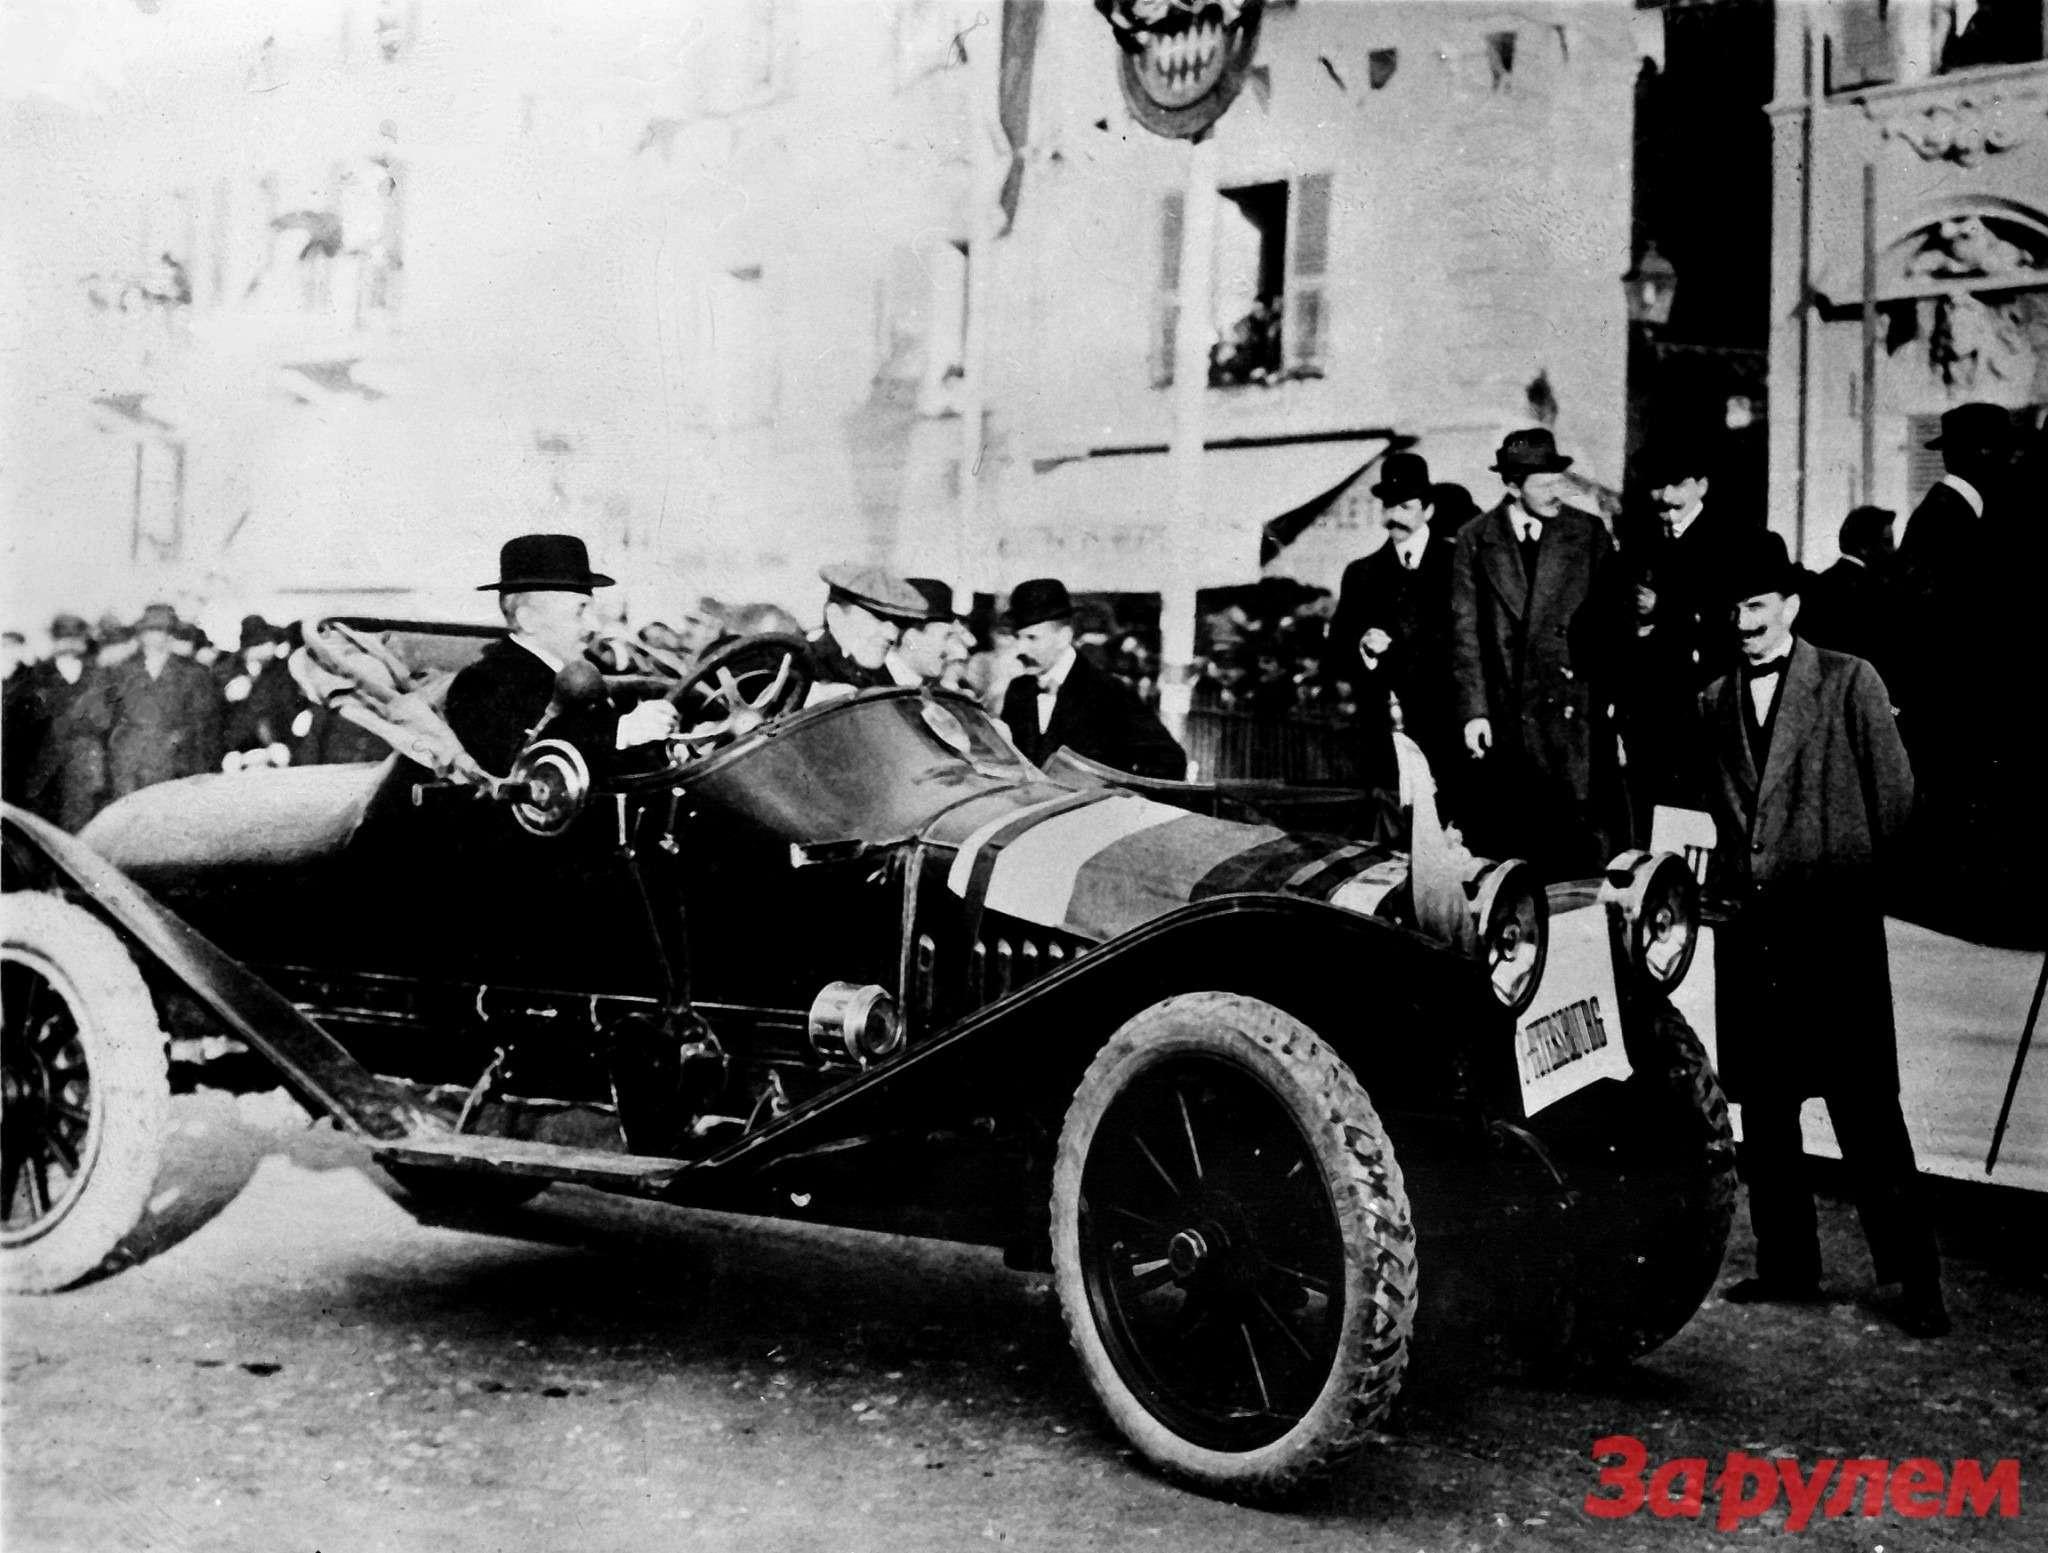 Руссо-Балт С24-50на финише ралли 23(10) января 1912 года. Зарулем Андрей Нагель, рядом— Вадим Михайлов